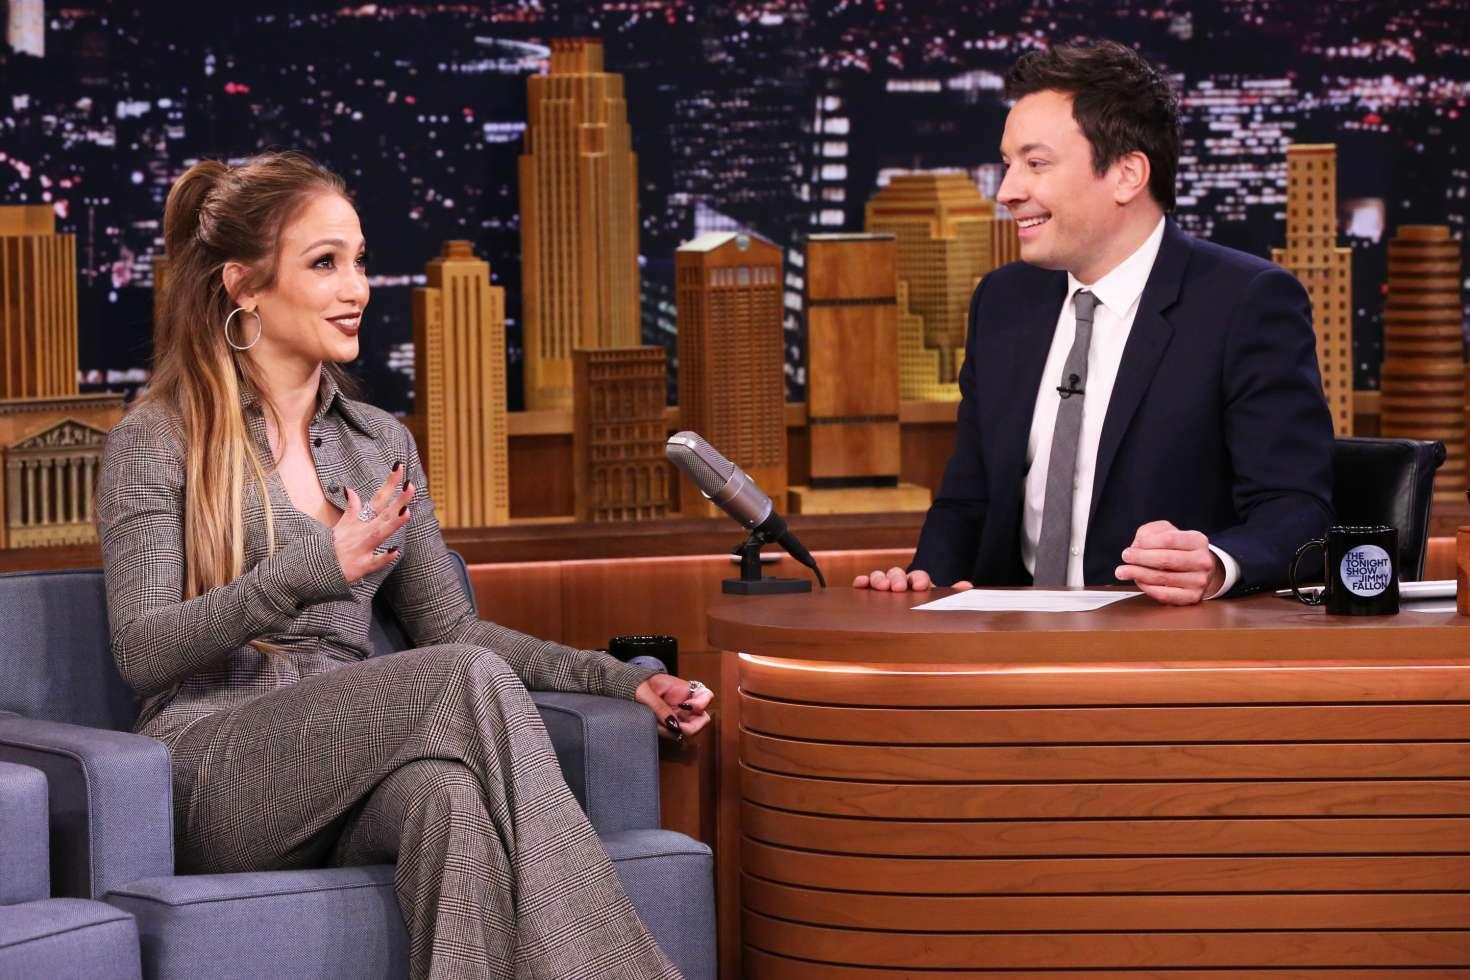 Jennifer Lopez 2017 : Jennifer Lopez on The Tonight Show Starring Jimmy Fallon -06